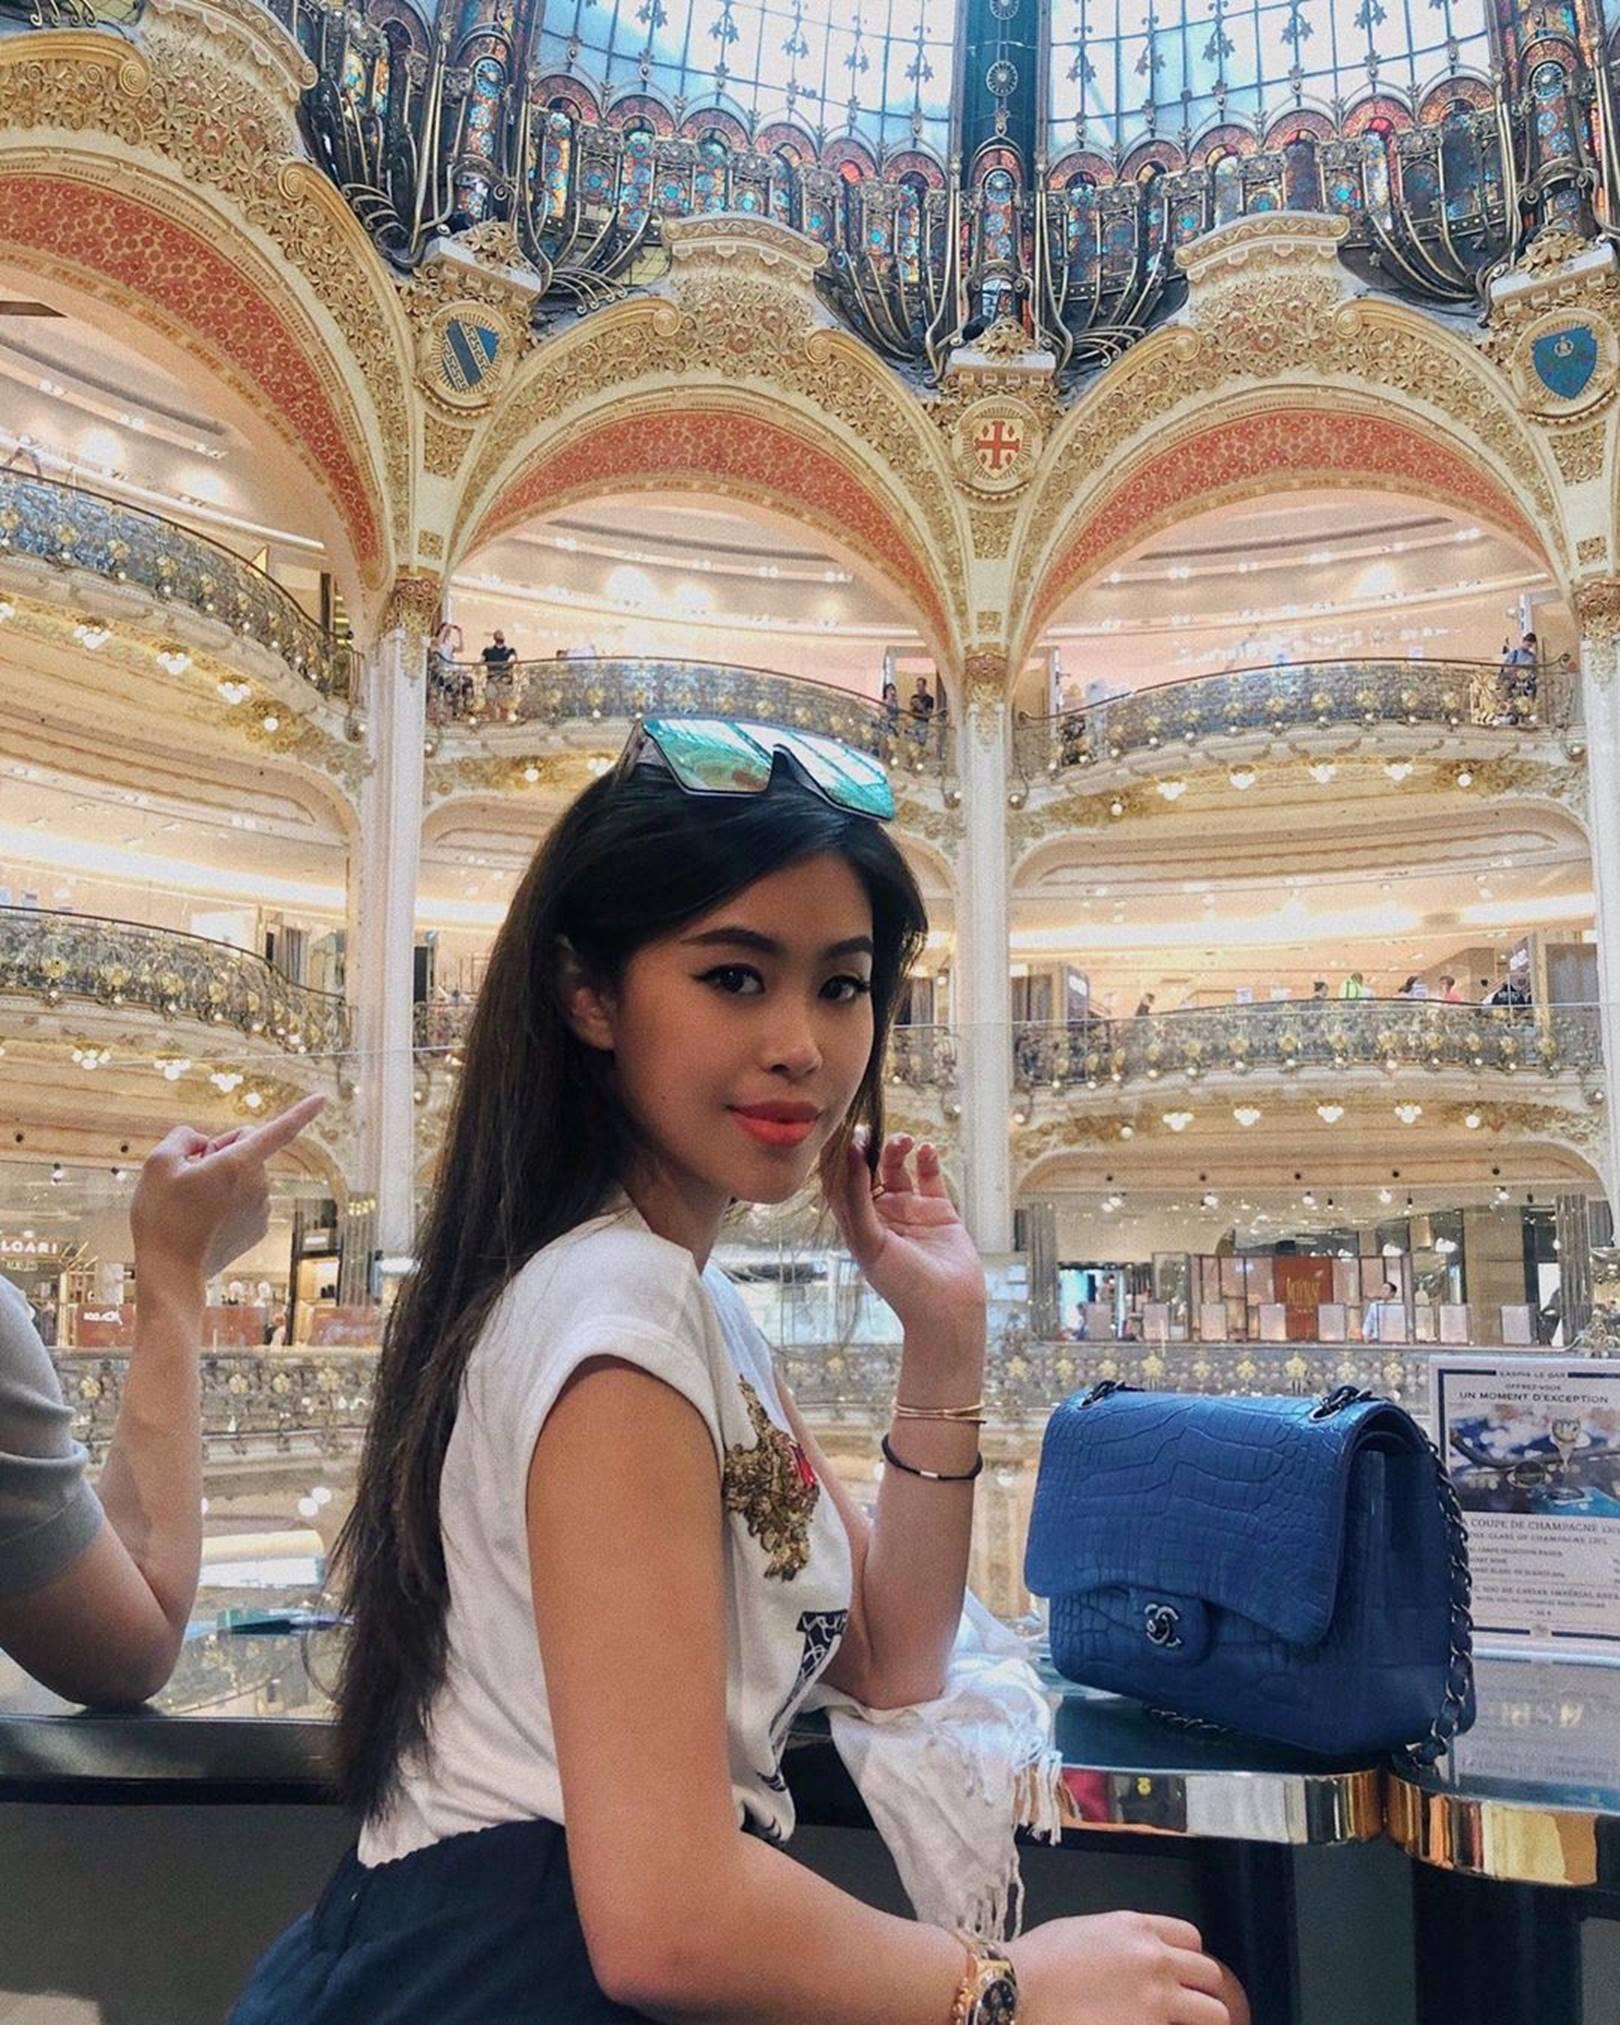 3 ái nữ cành vàng lá ngọc nhà đại gia Việt: Thay đồ hiệu như thay áo, xách túi hiệu như xách giỏ đi chợ mỗi ngày-7